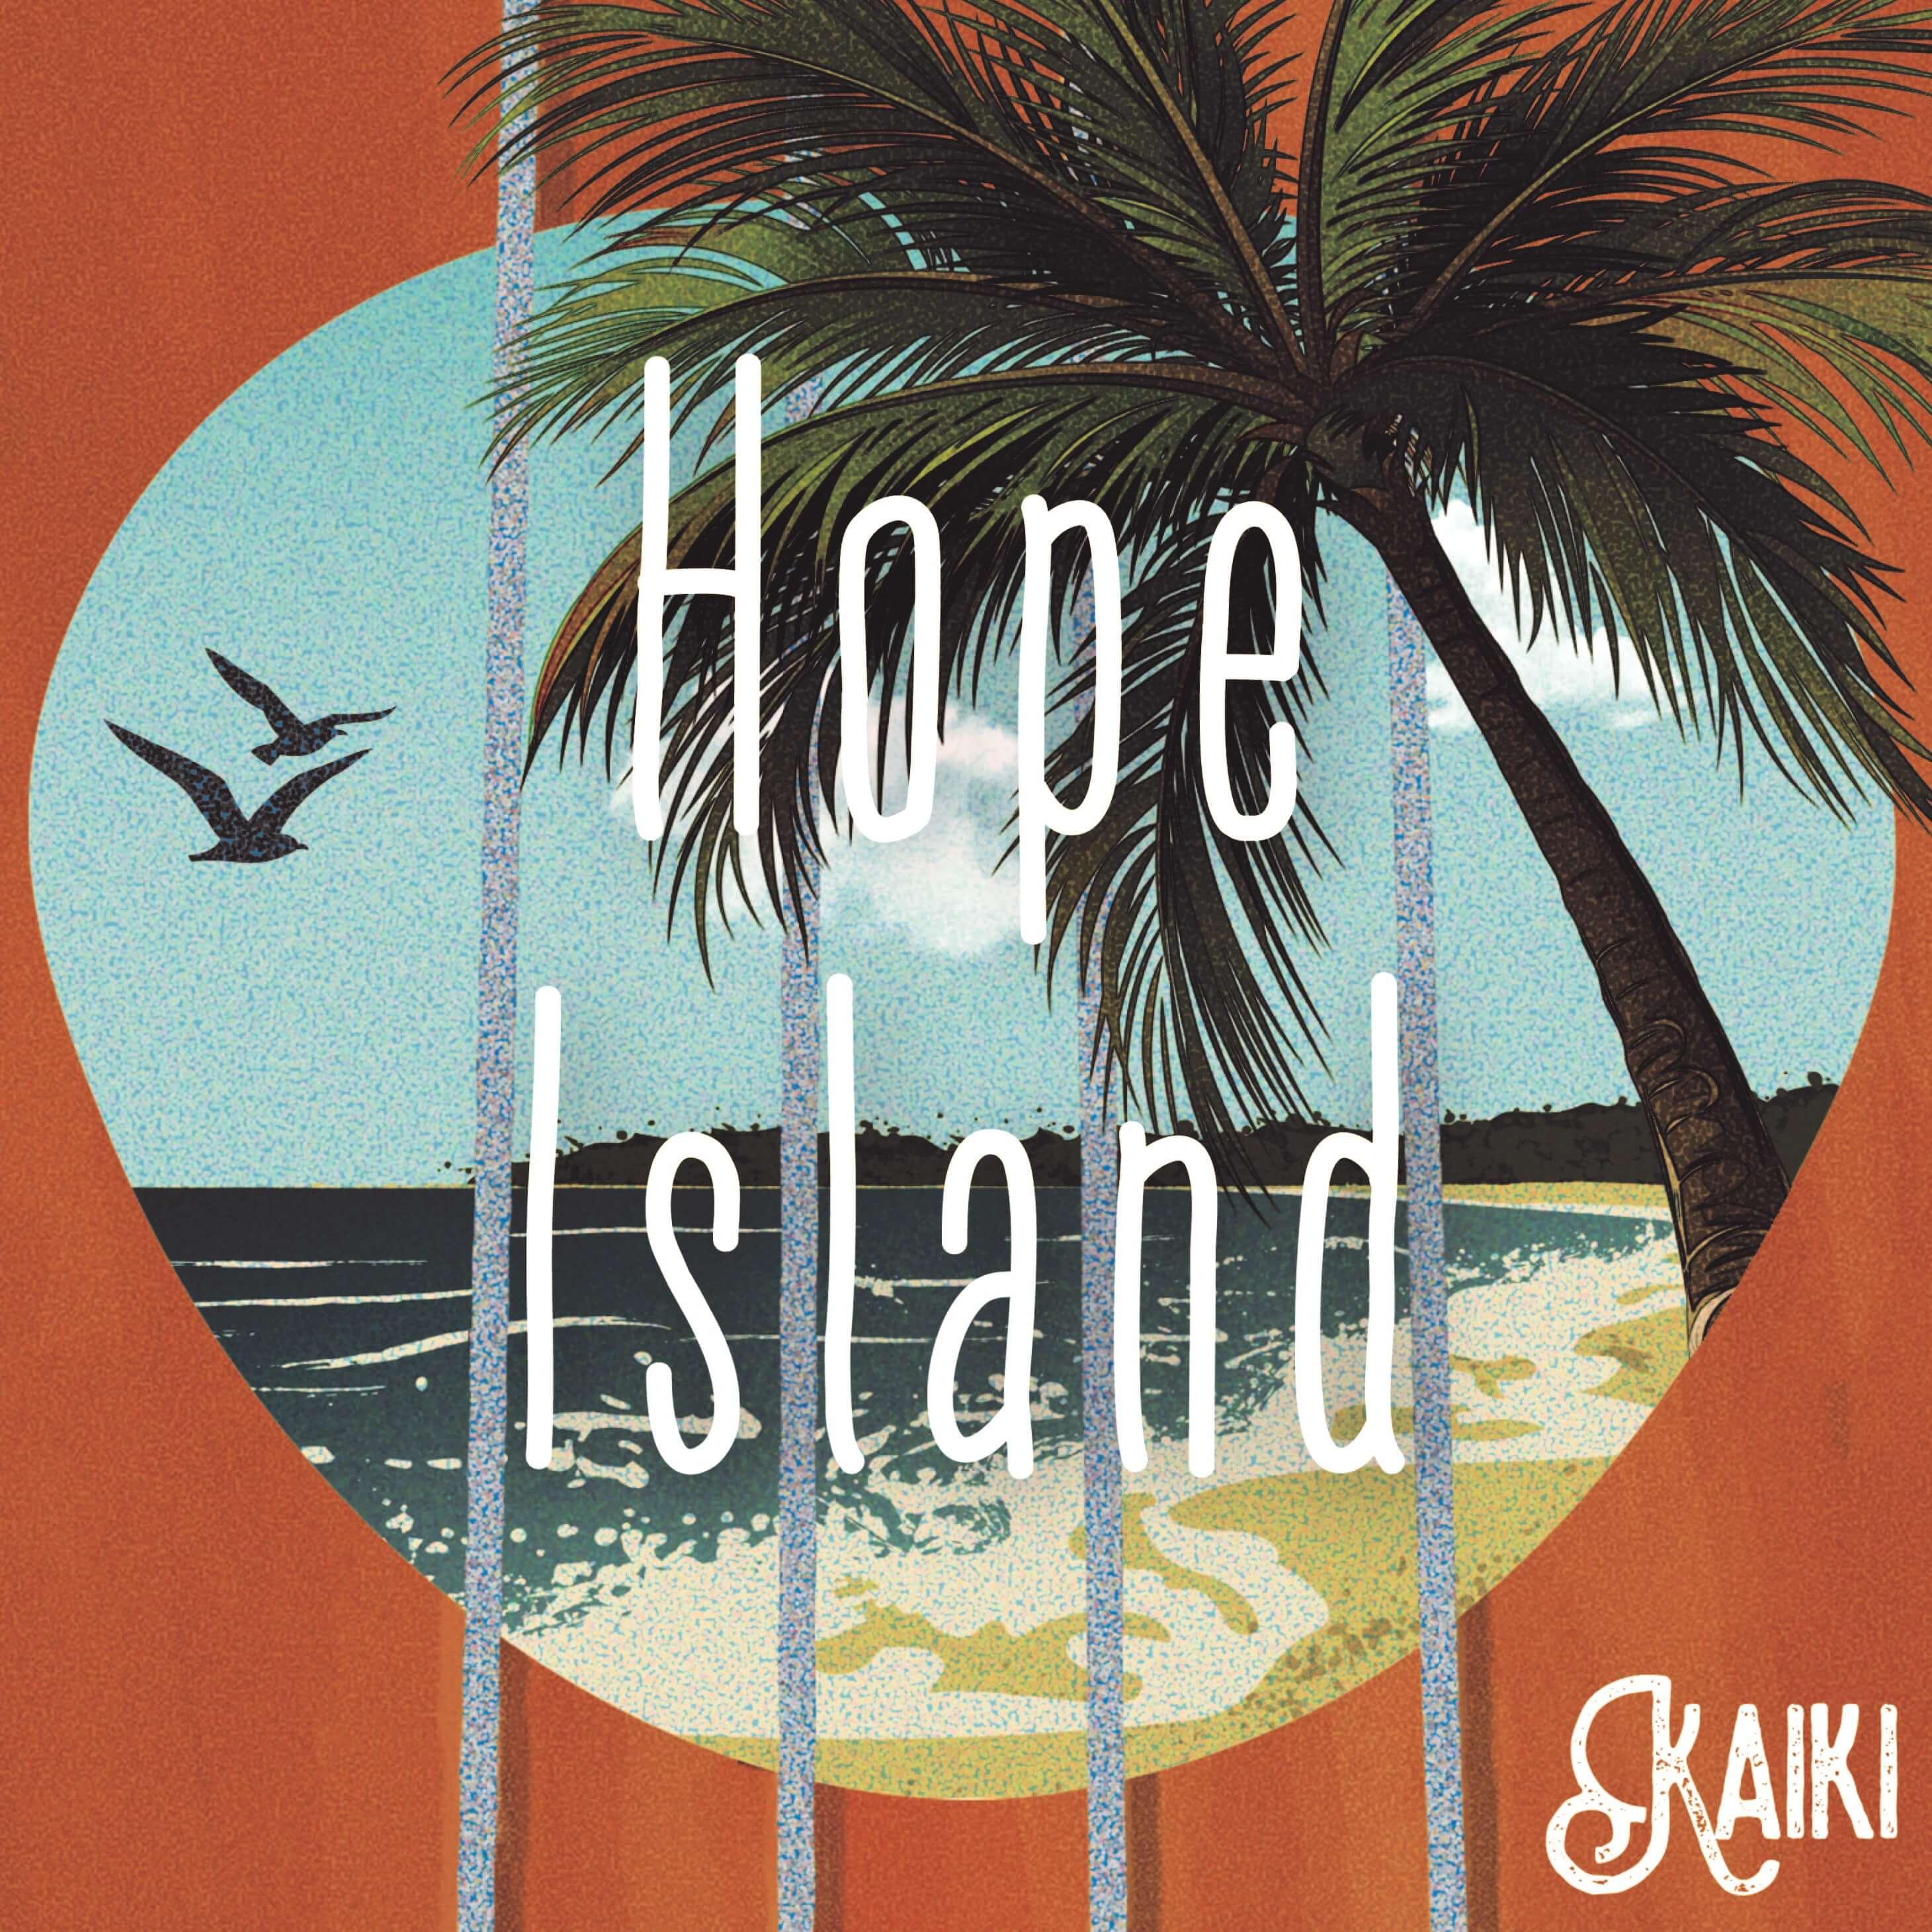 KAIKI_Hope Island